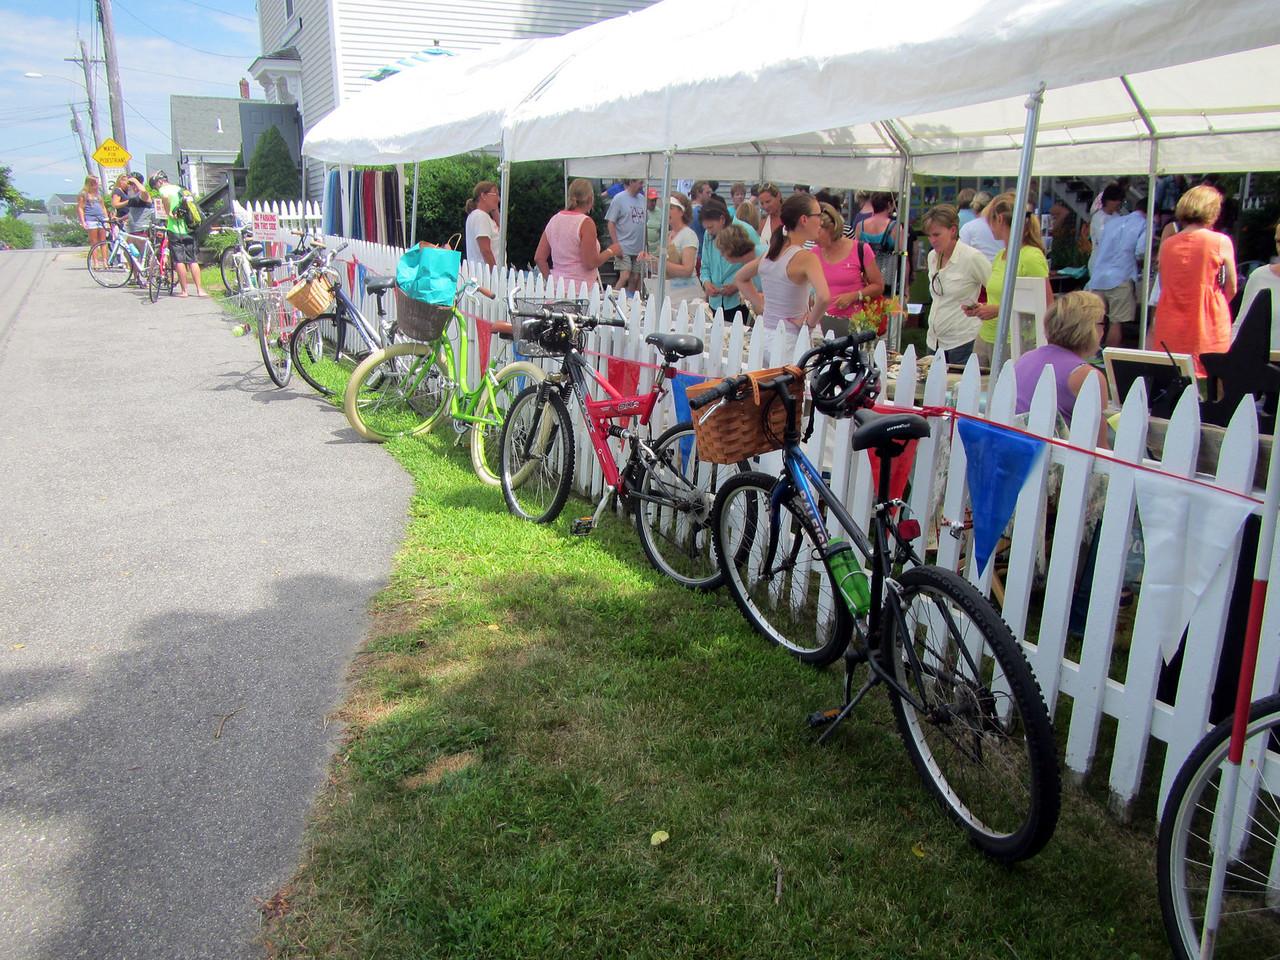 SeasideFair bikes 3249